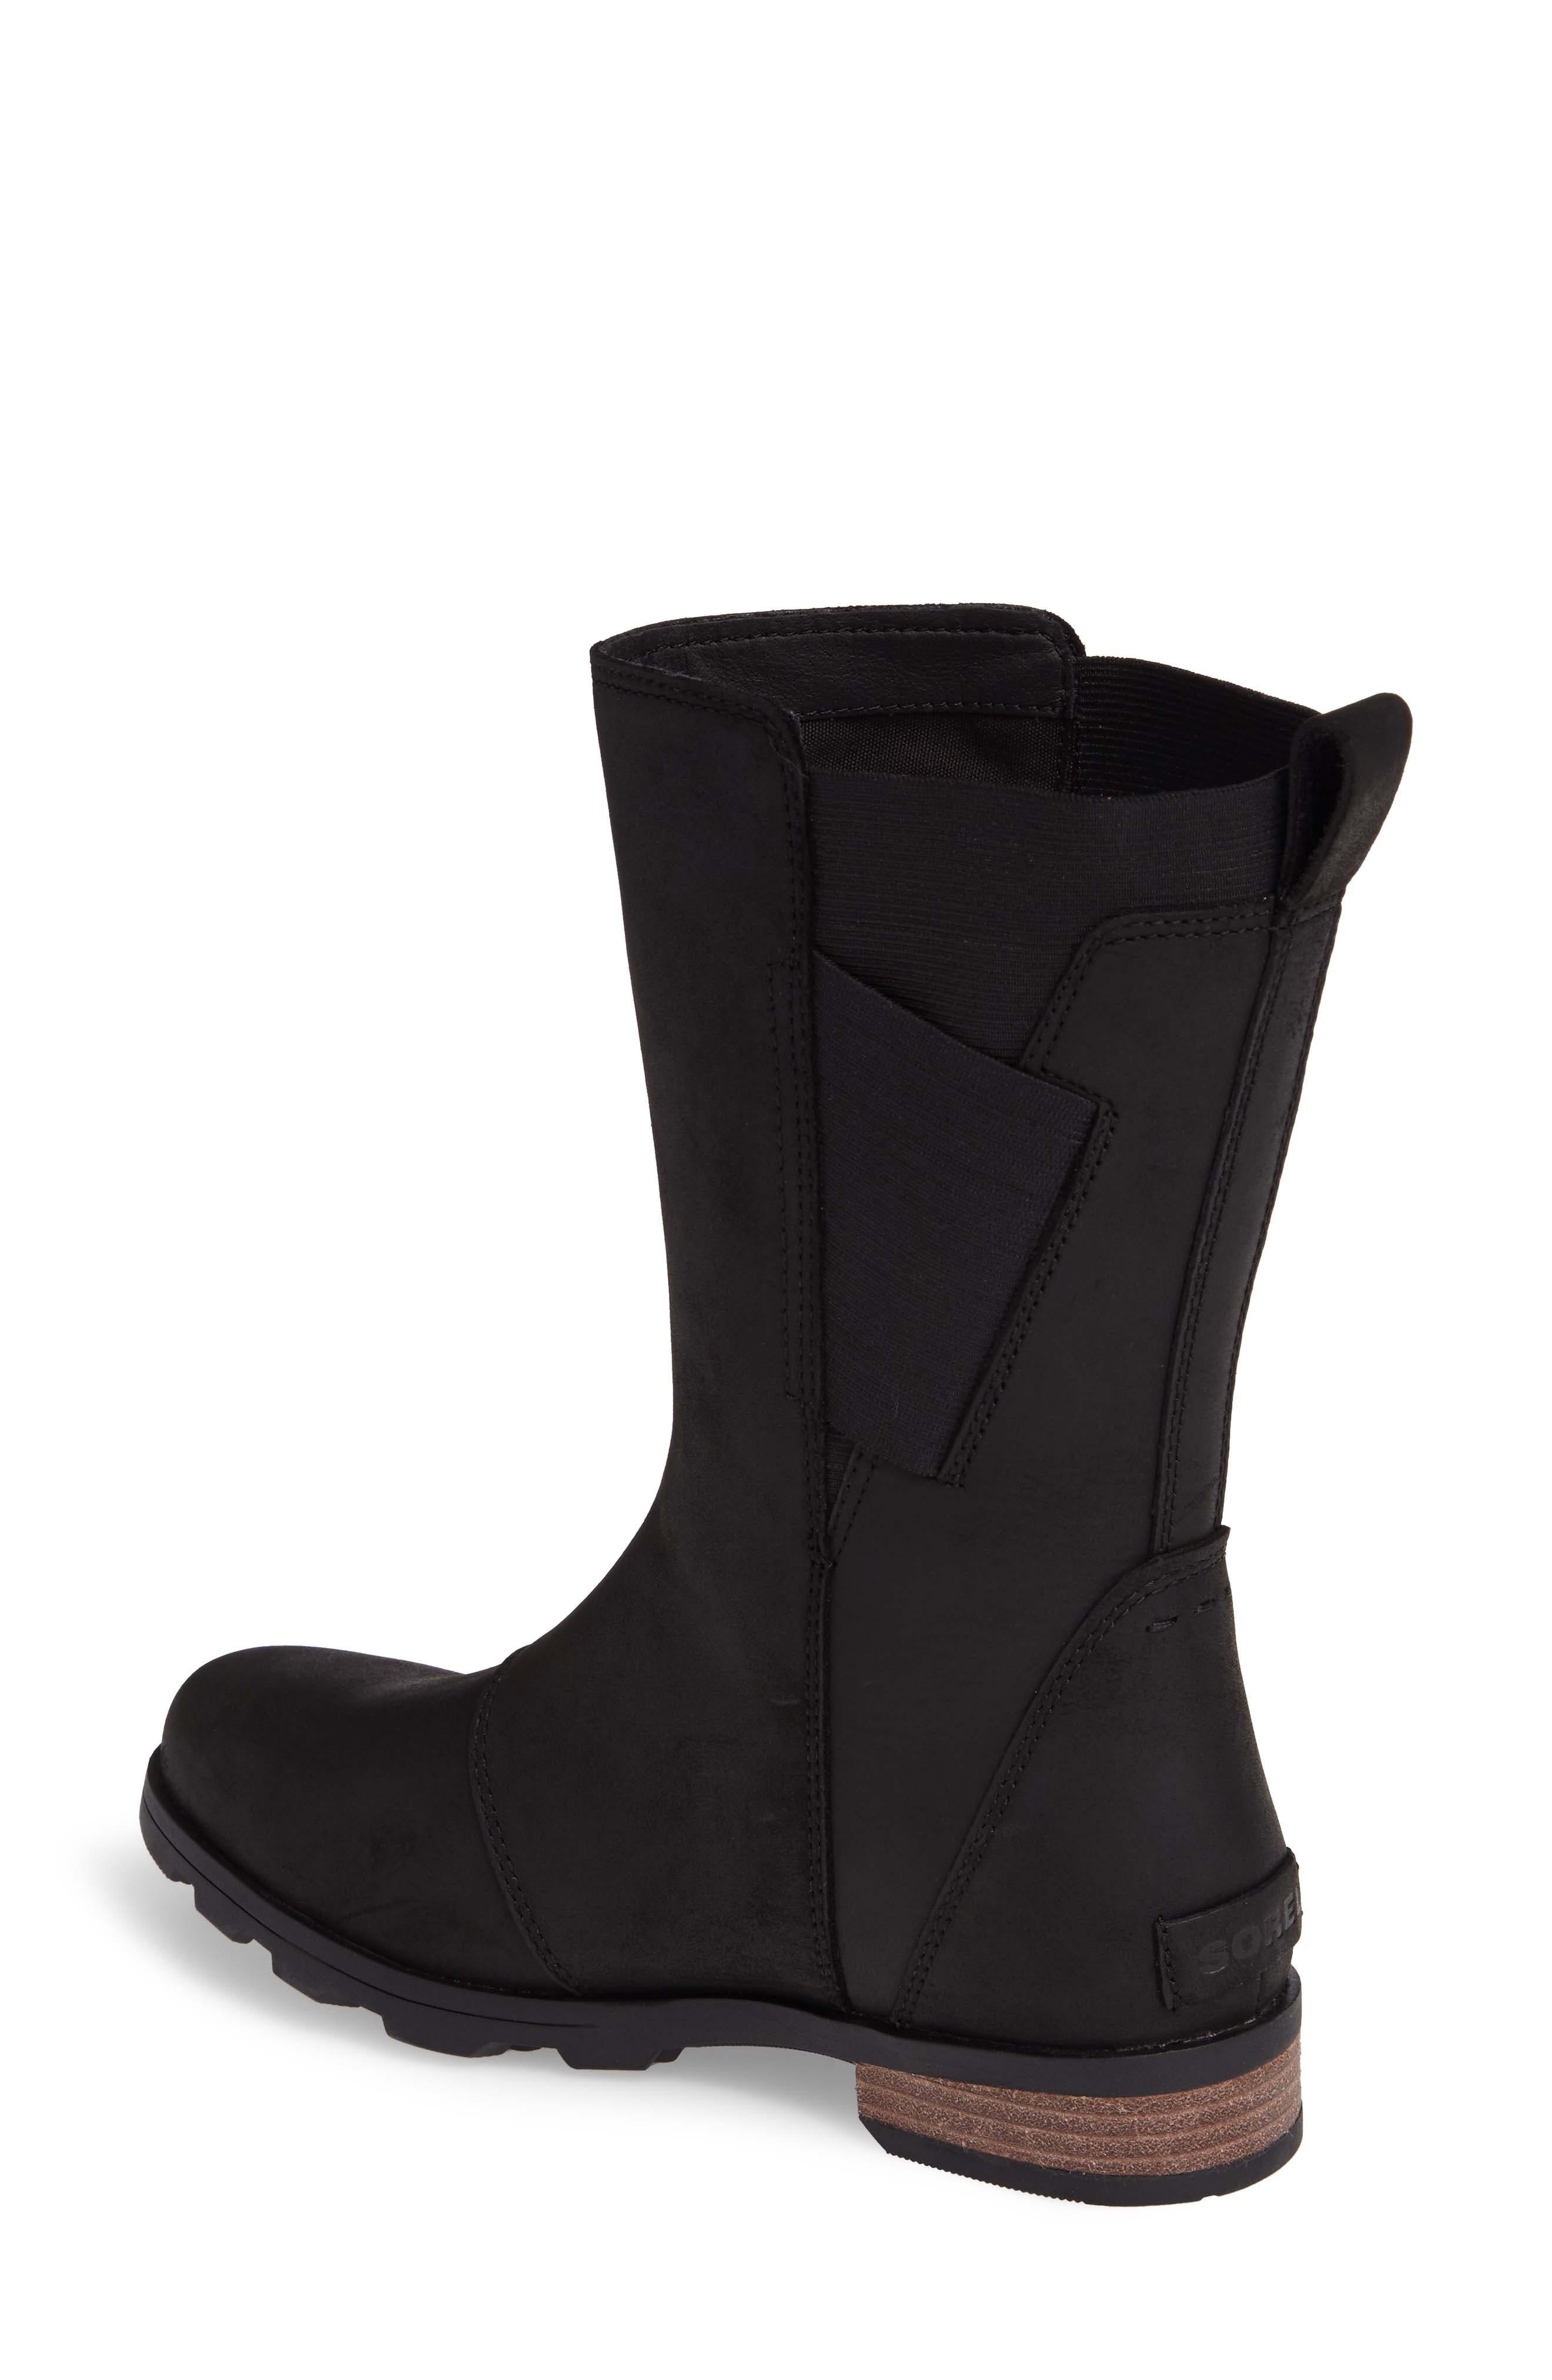 Emelie Waterproof Boot,                             Alternate thumbnail 2, color,                             Black